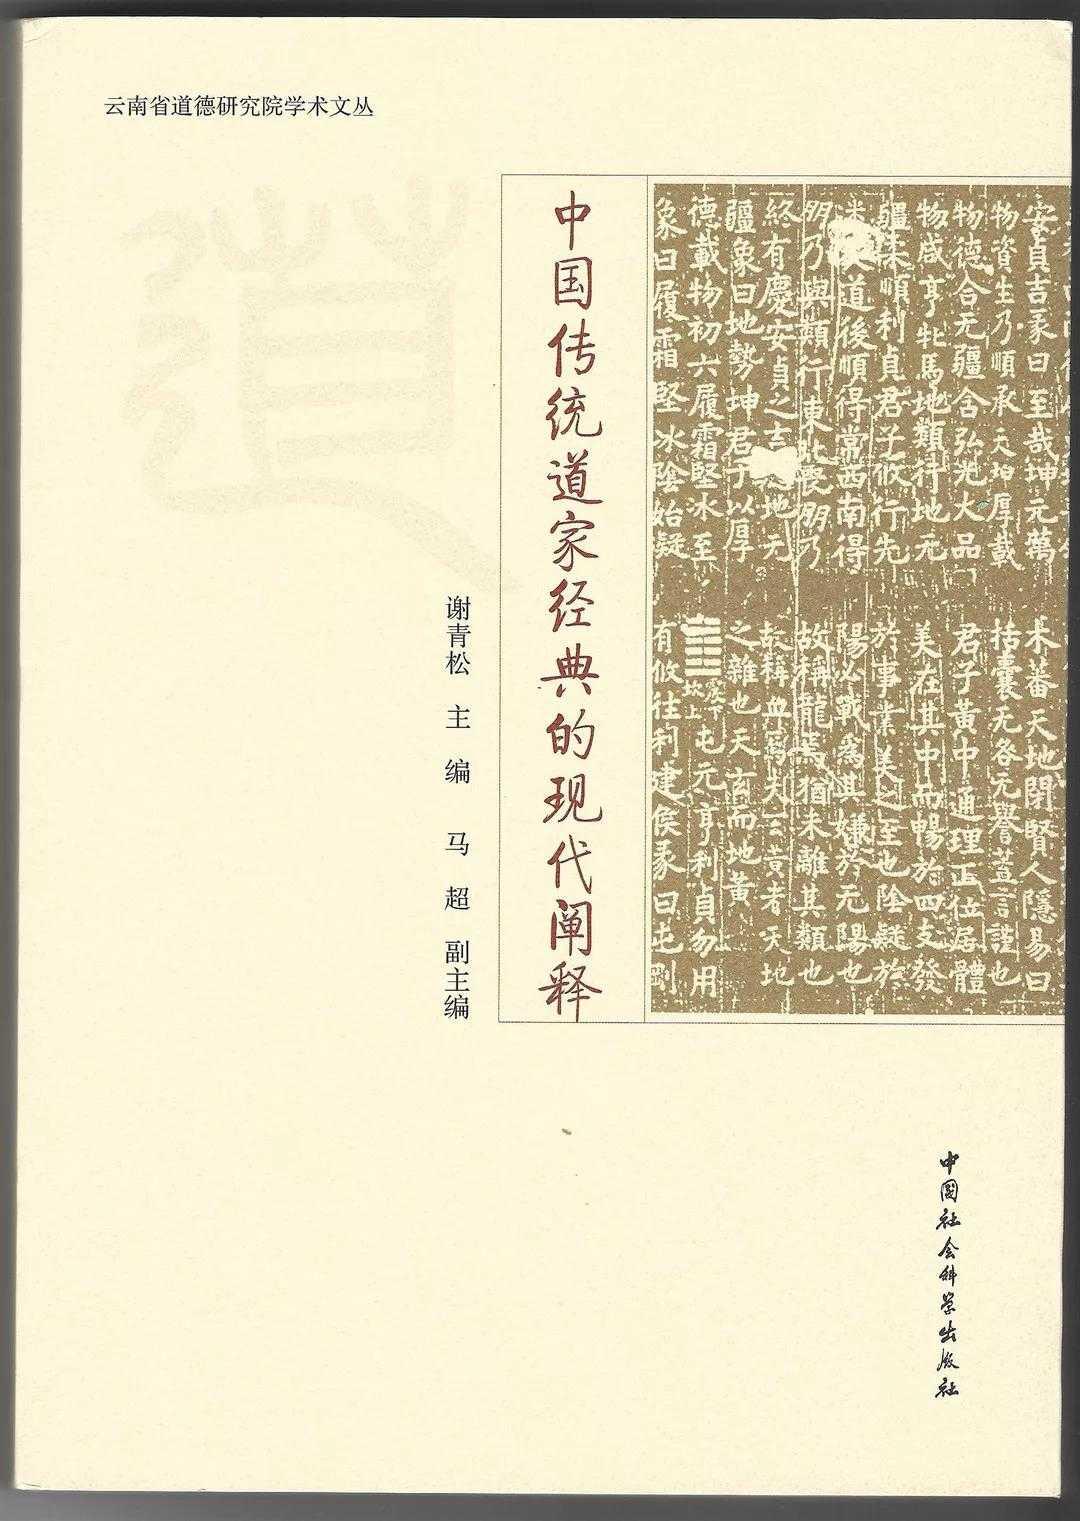 书籍推介:《中国